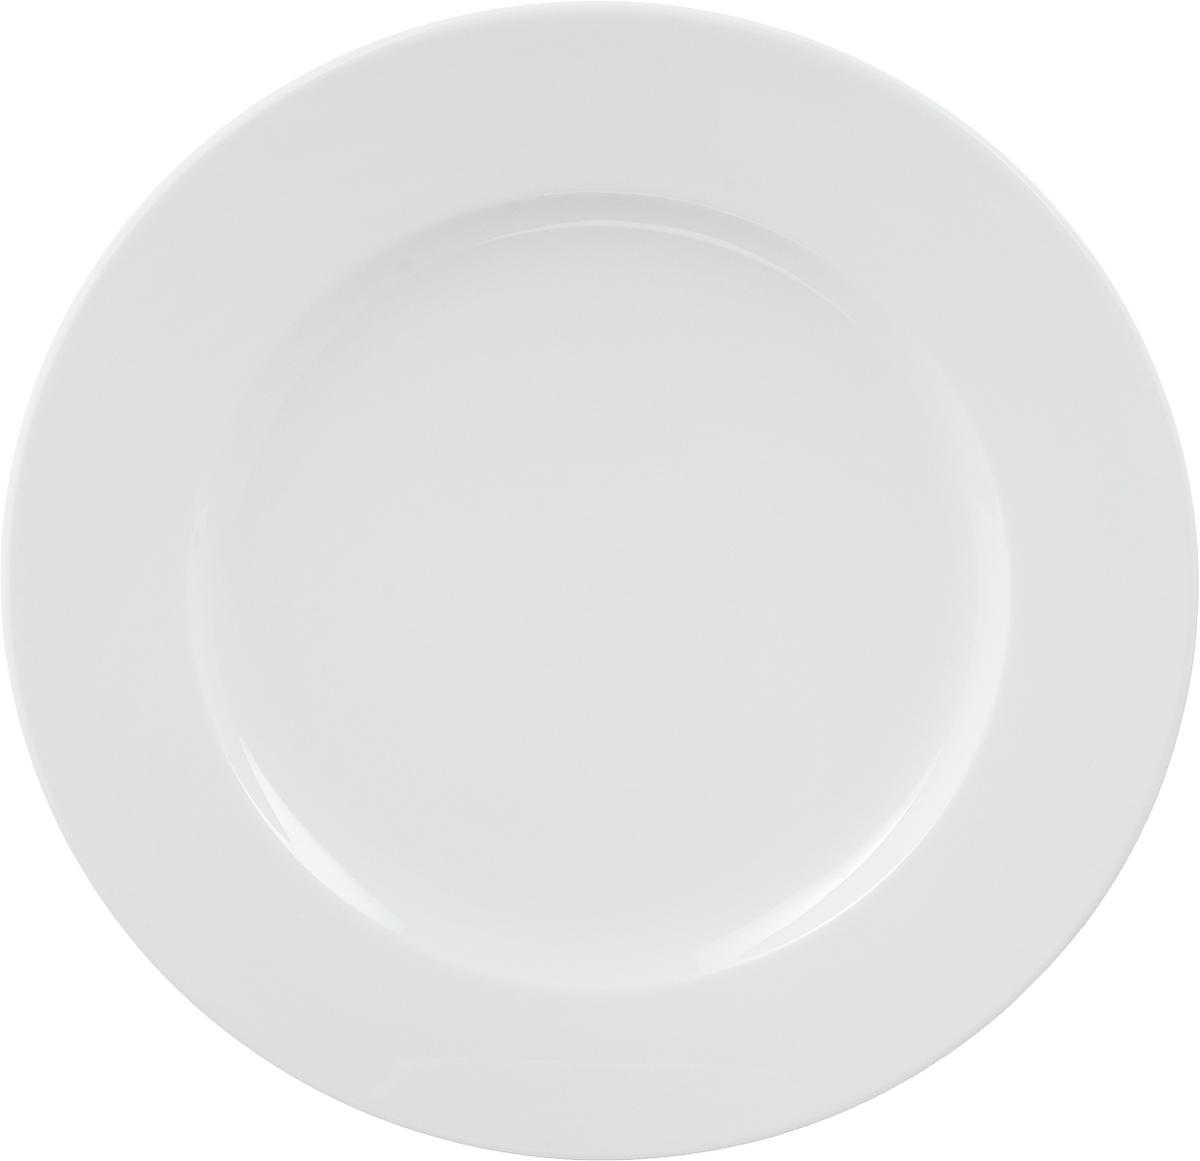 Тарелка мелкая Ariane Прайм, диаметр 31 смAPRARN11031Мелкая тарелка Ariane Прайм, изготовленная из высококачественного фарфора, имеет классическую круглую форму. Такая тарелка отлично подойдет в качестве блюда для сервировки закусок, нарезок, горячих блюд. Изделие прекрасно впишется в интерьер вашей кухни и станет достойным дополнением к кухонному инвентарю. Тарелка Ariane Прайм подчеркнет прекрасный вкус хозяйки и станет отличным подарком.Можно мыть в посудомоечной машине и использовать в микроволновой печи. Высота тарелки: 2 см.Диаметр тарелки: 31 см.